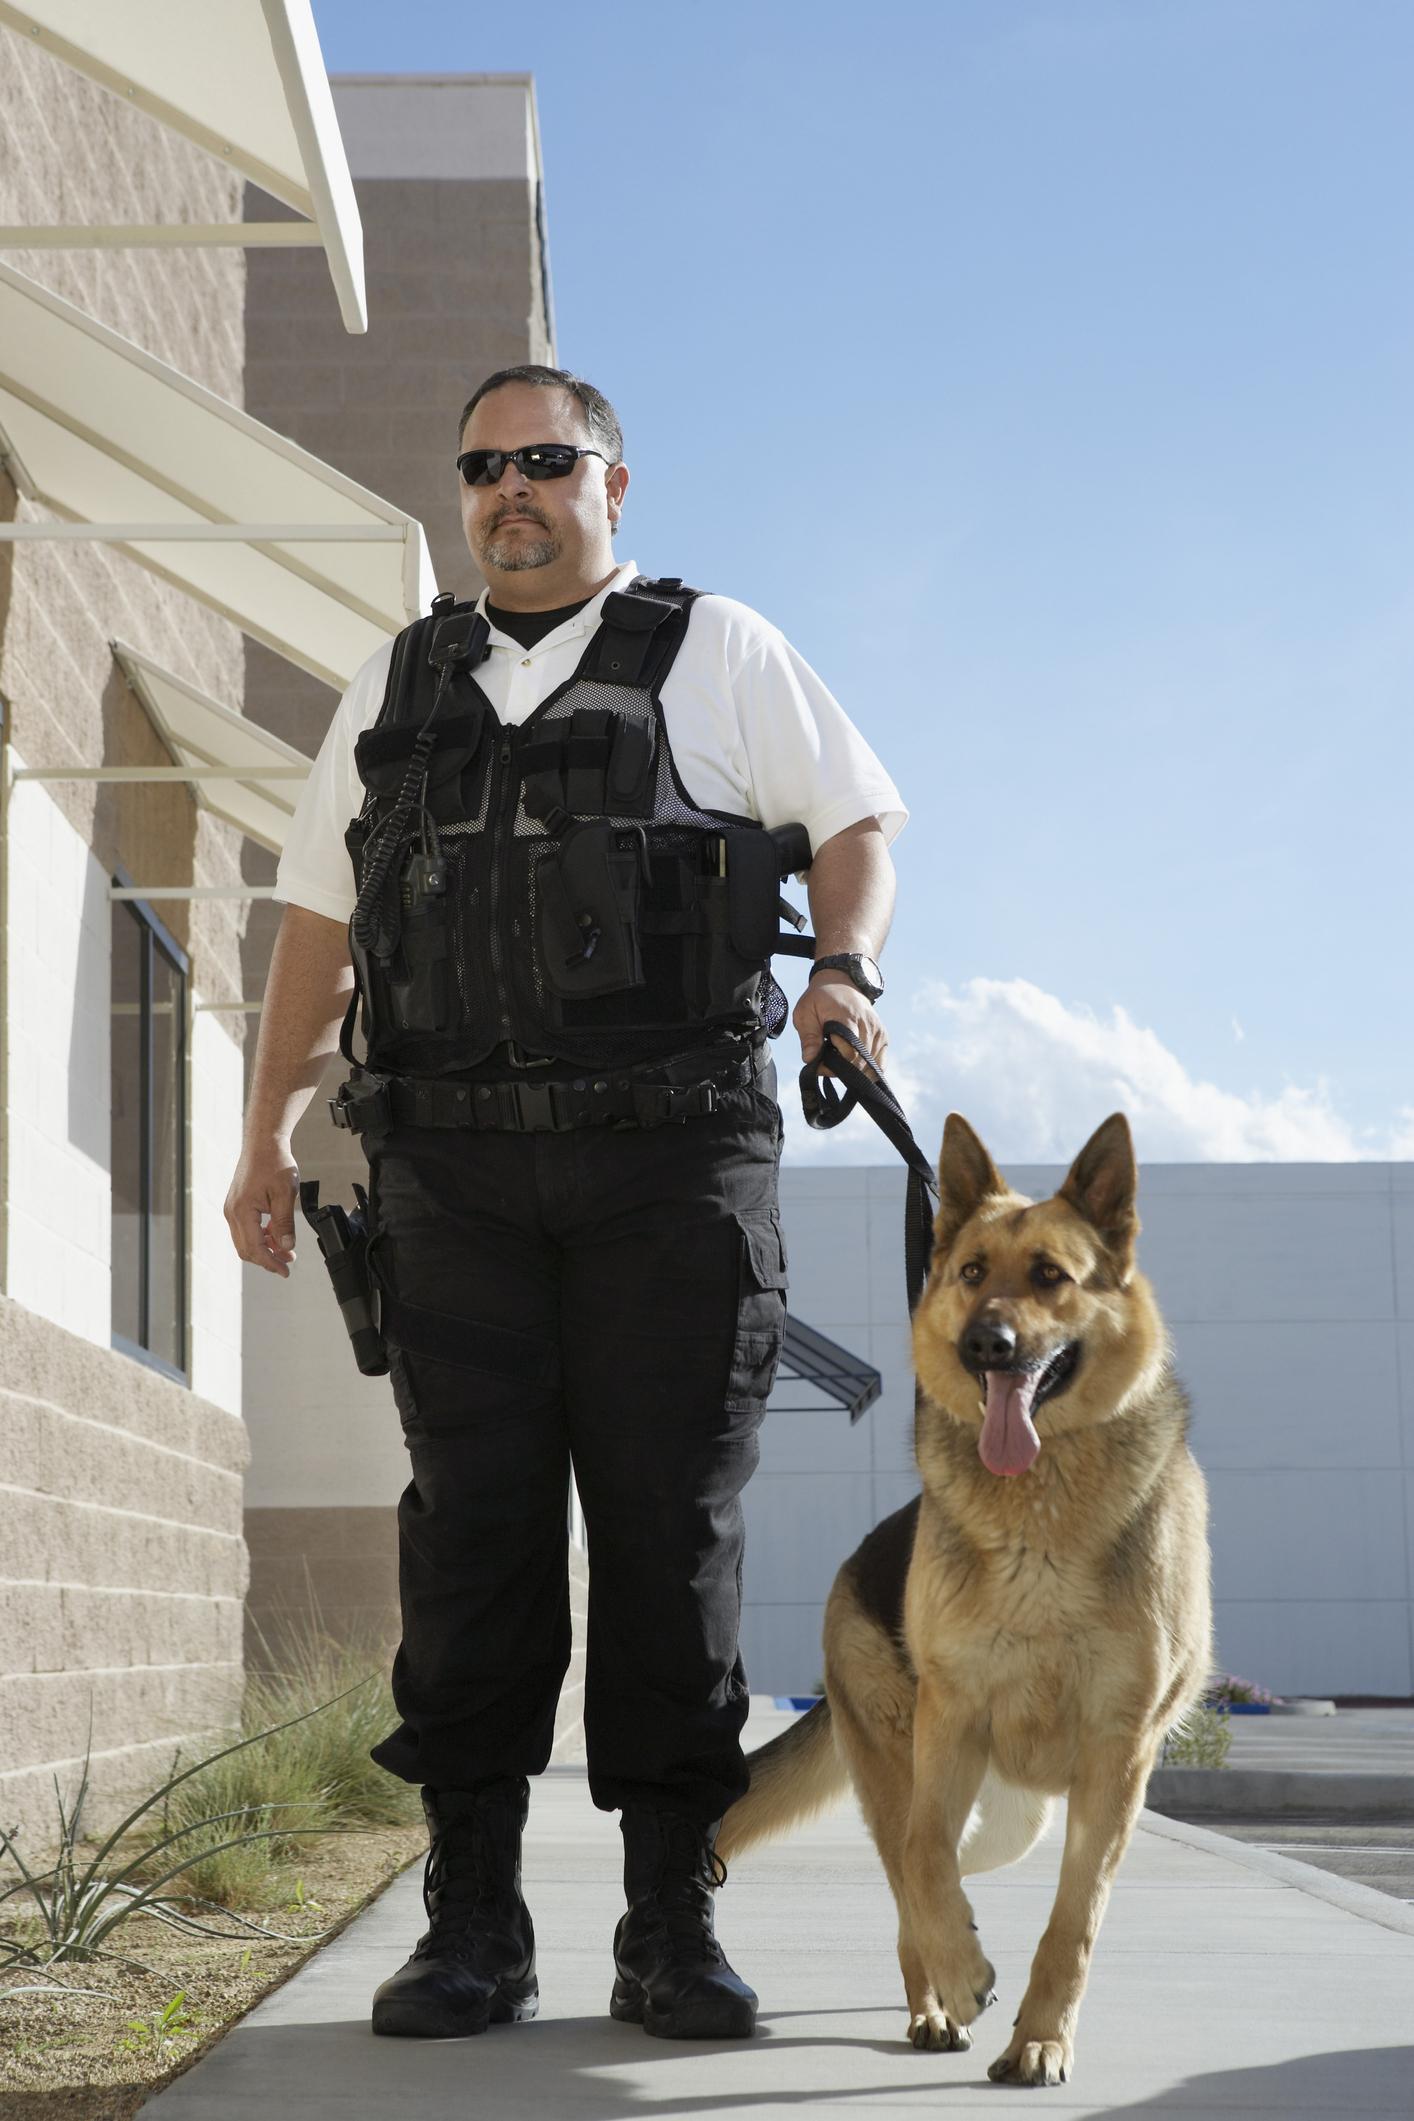 Un agent de sécurité avec un chien de garde